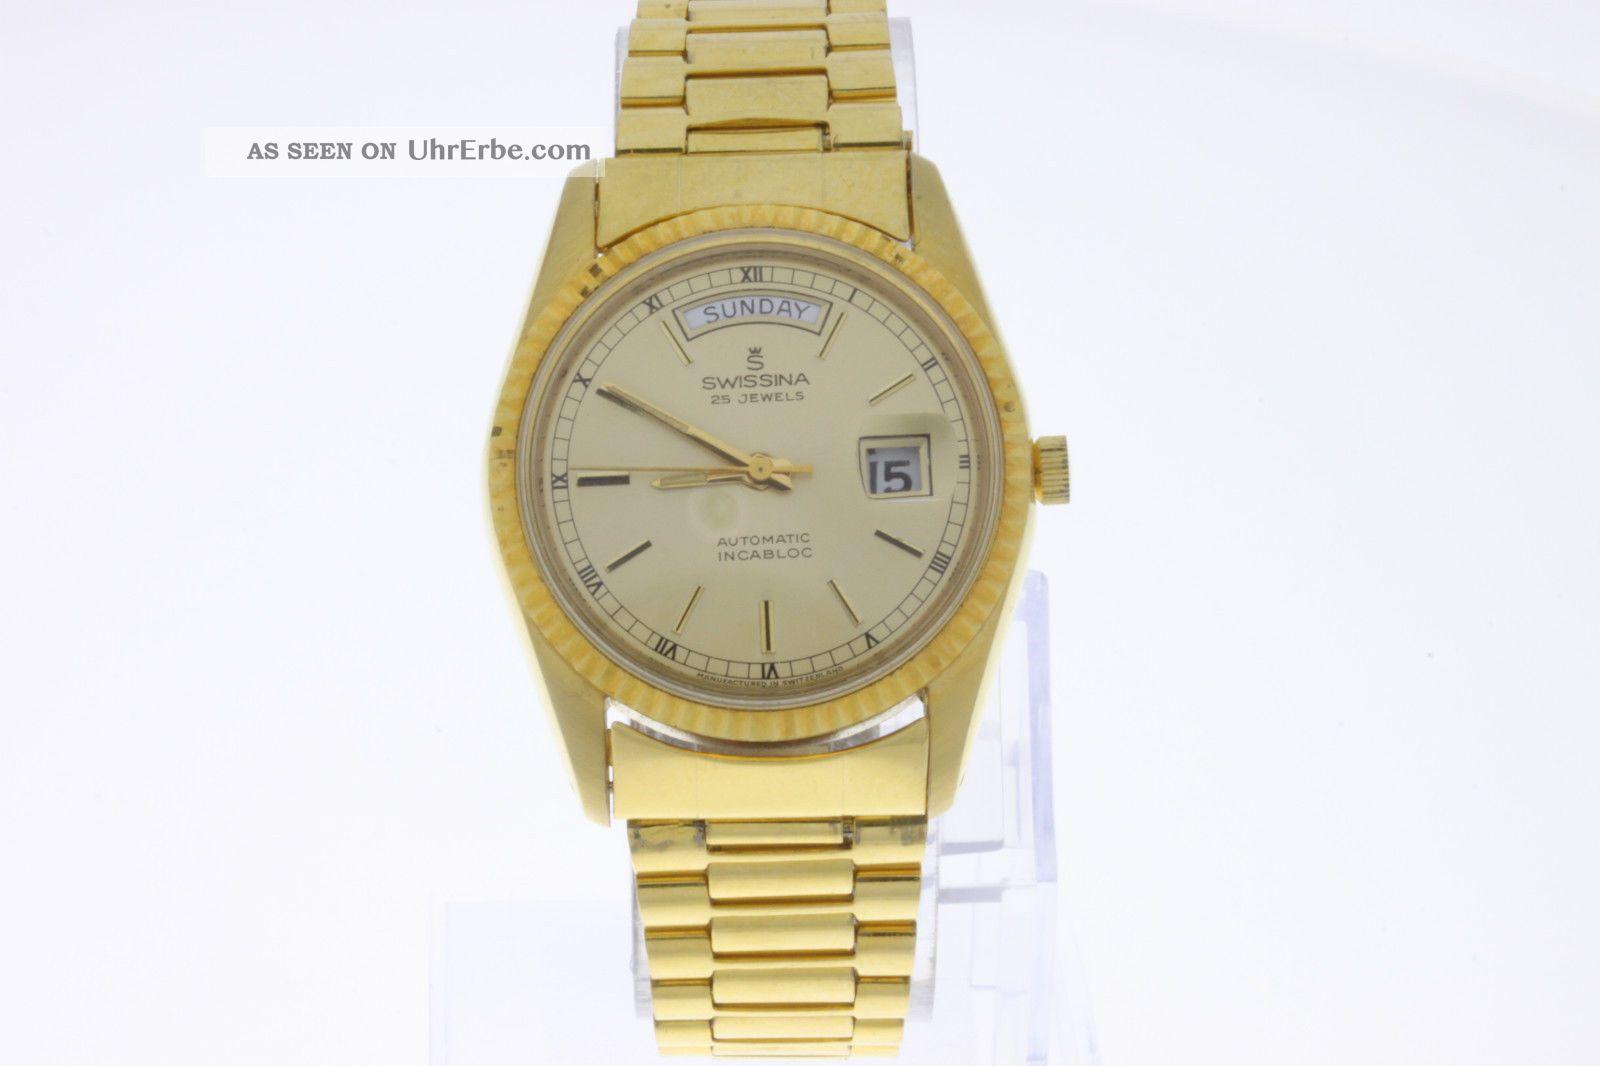 Swissina Day Date Automatic Incabloc Armbanduhr Vergoldet Old Stock Armbanduhren Bild